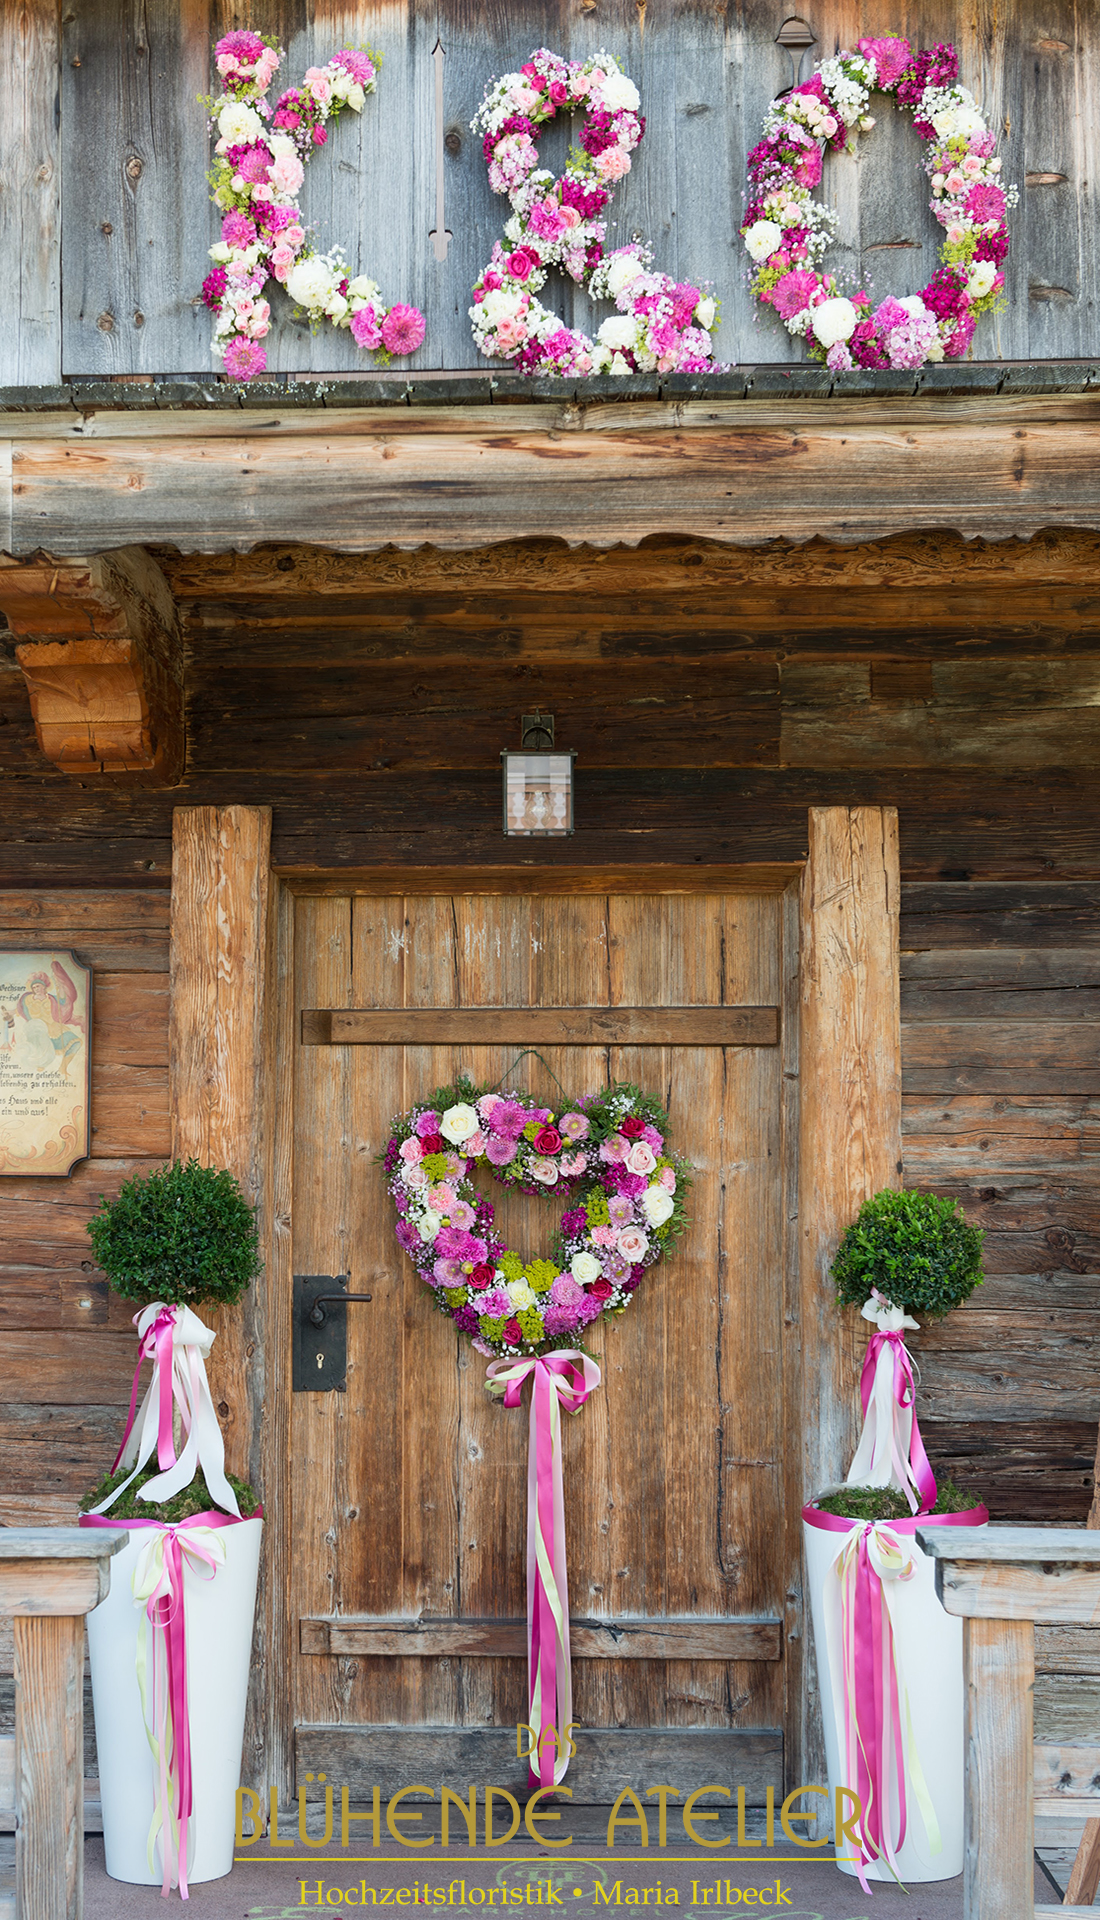 Nachbildung Brautstrauss Aus Seidenblumen Das Bluhende Atelier